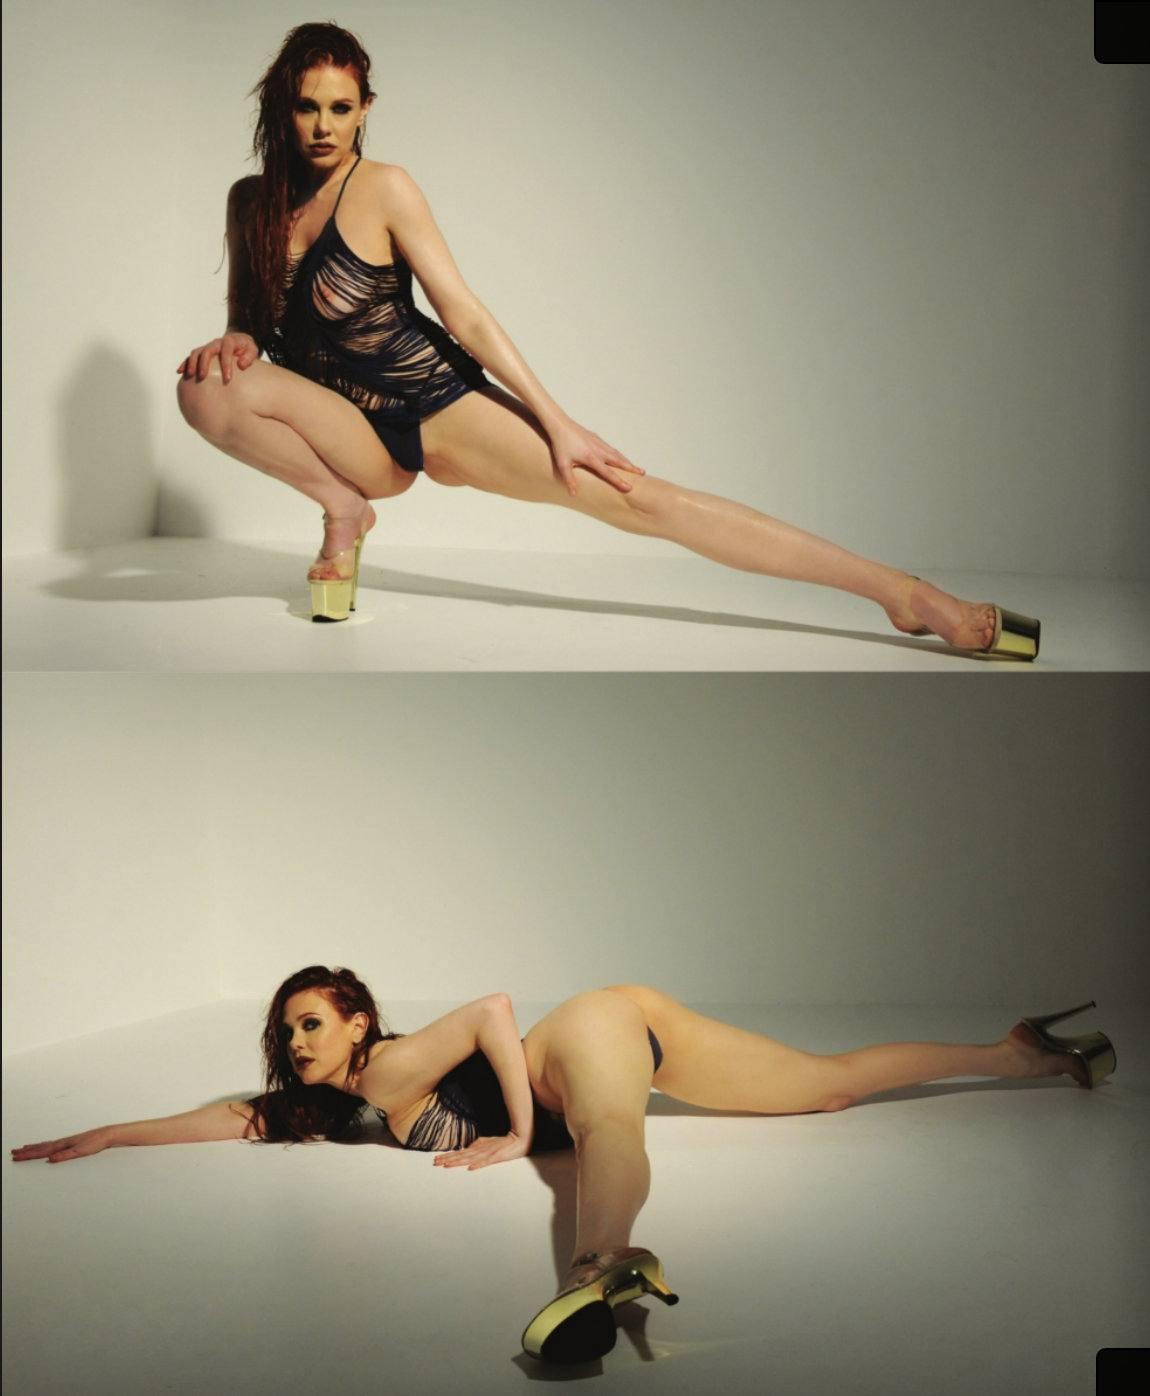 Maitland Ward Topless Photoshoot